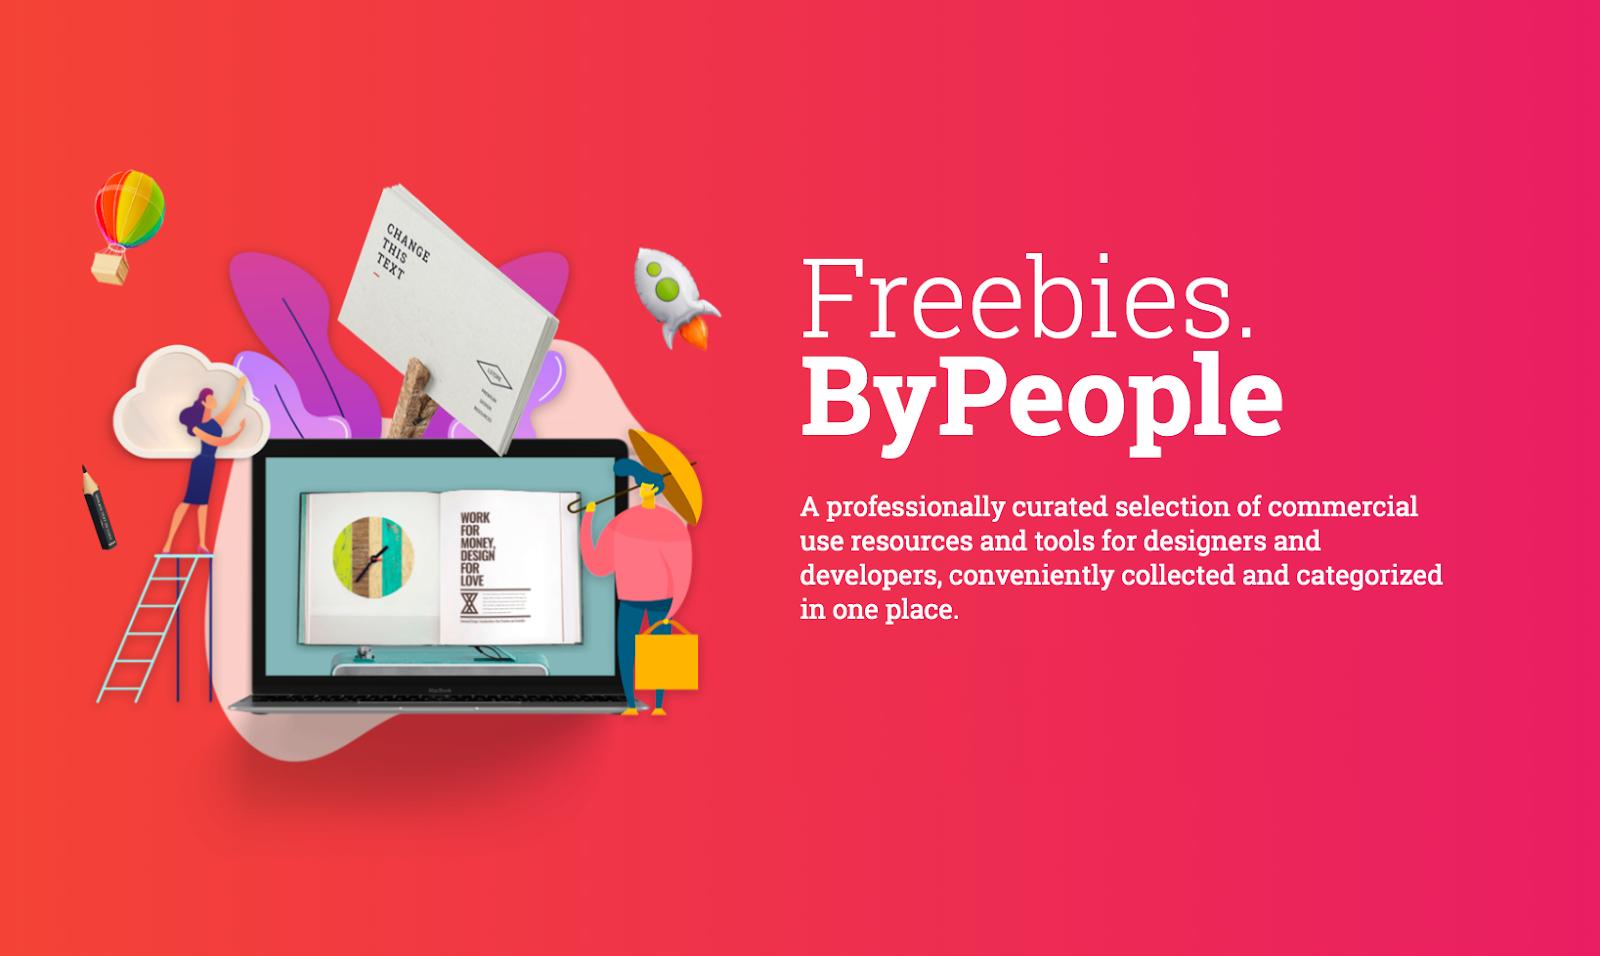 Бесплатный ресурс для разрабов и дизайнеров: шрифты/иконки/UI-киты/иллюстрации/3D-модельки, а также CSS-сниппеты/HTML-темы/наборы компонентов